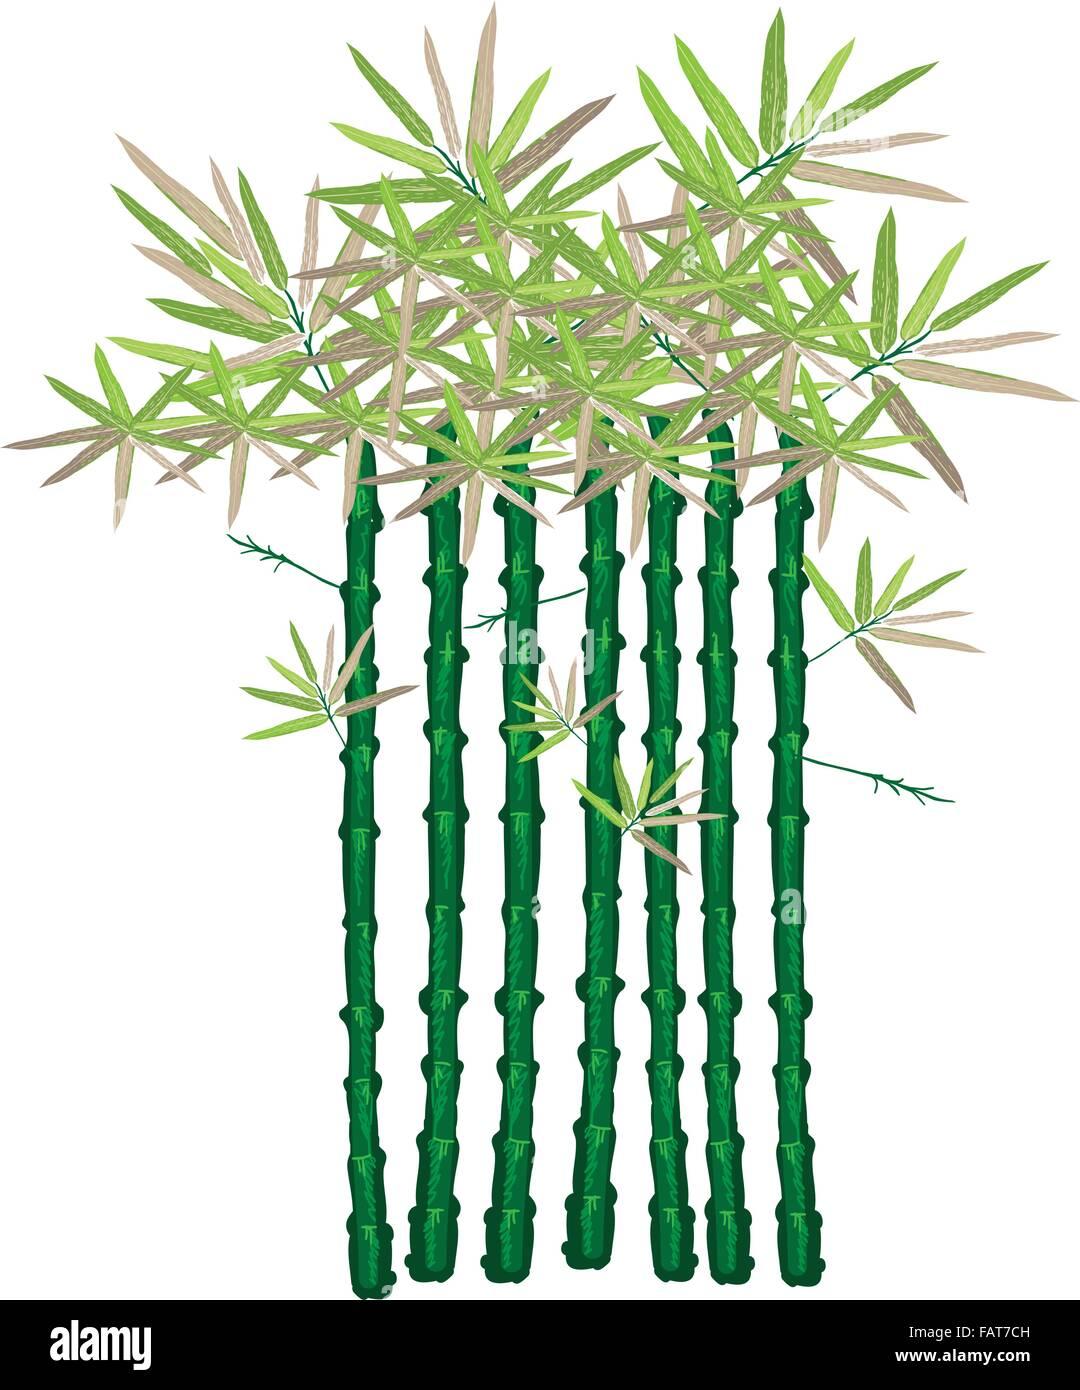 Eine Illustration Set Landschaftsbau Baum Symbol Oder Isometrische Bambus  Pflanze Für Garten Dekoration